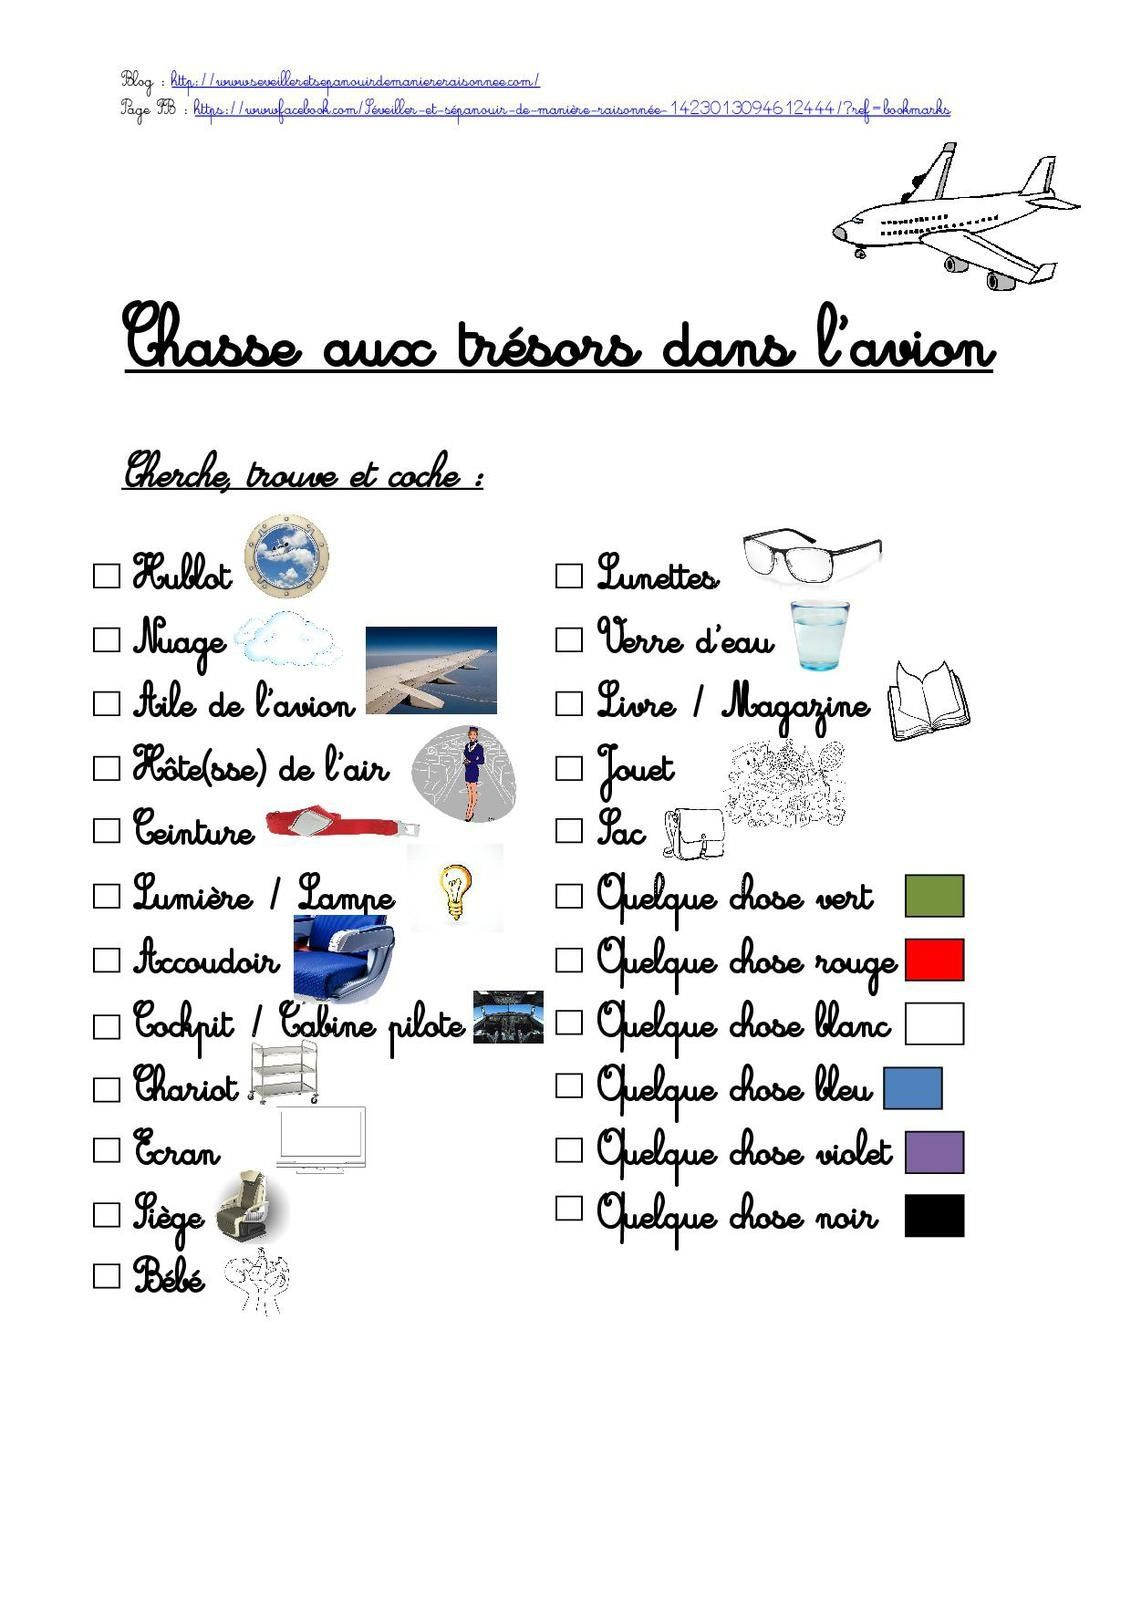 Une Chasse Aux Trésors Dans L'avion (Avec Images) | Chasse concernant Jeux A Faire Dans La Voiture